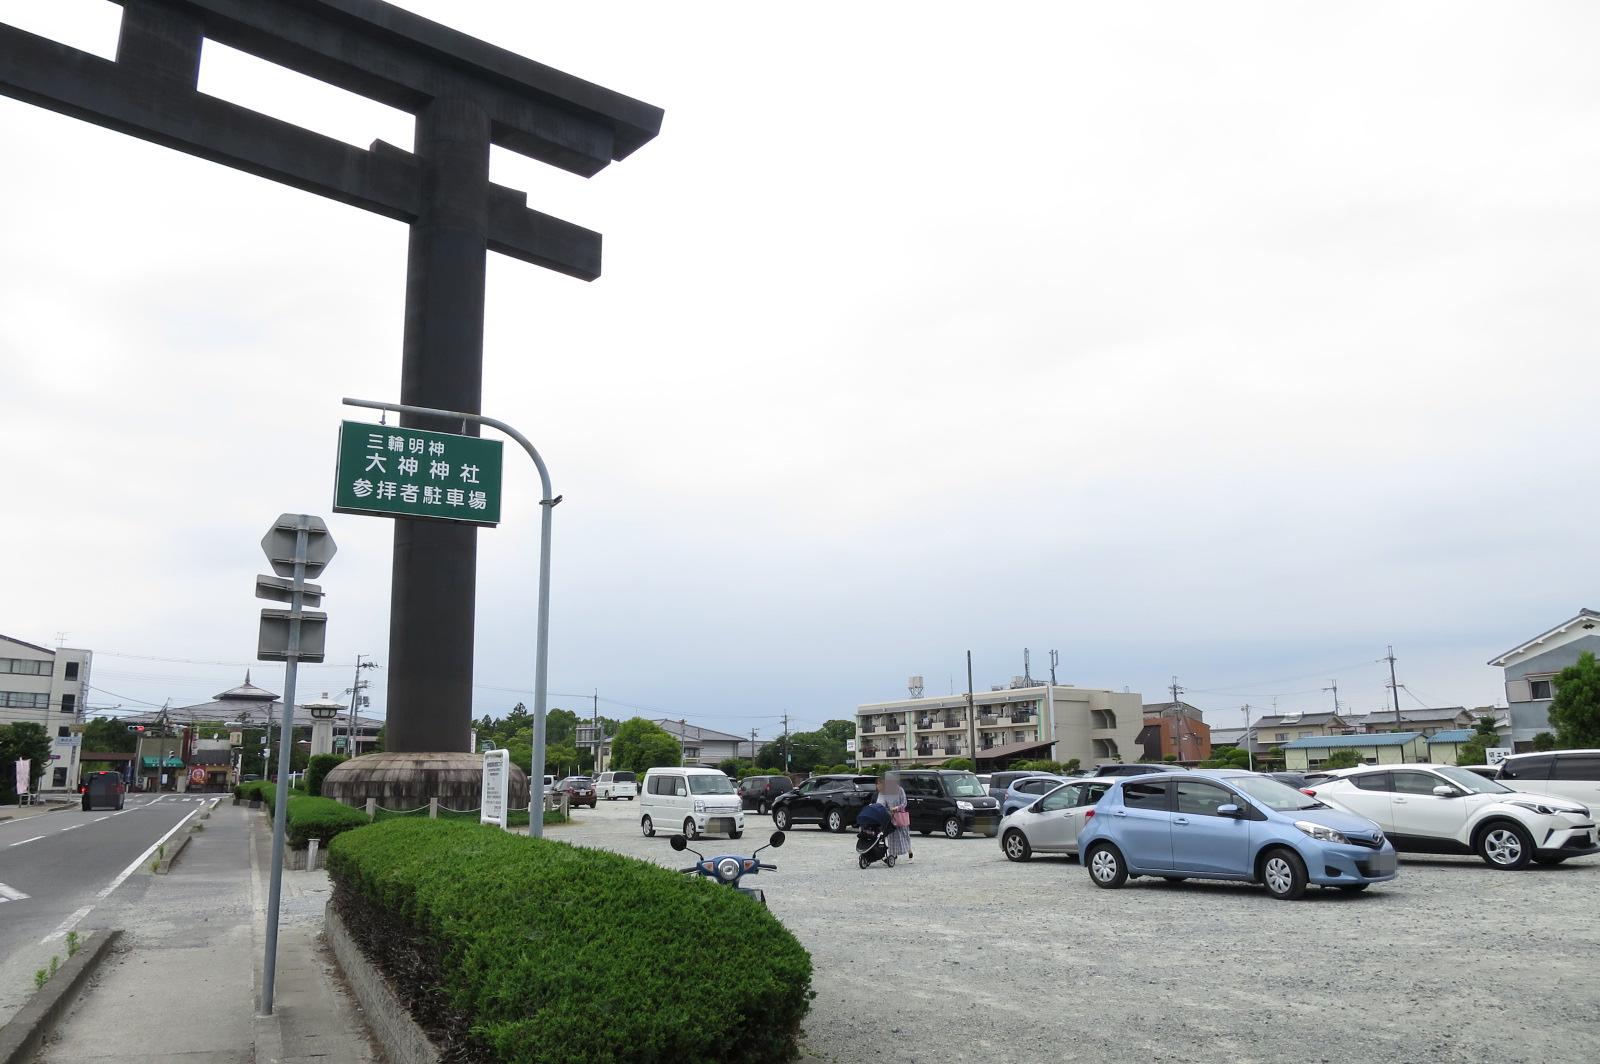 大神神社の大鳥居の付近には、無料駐車場がいくつかあります。